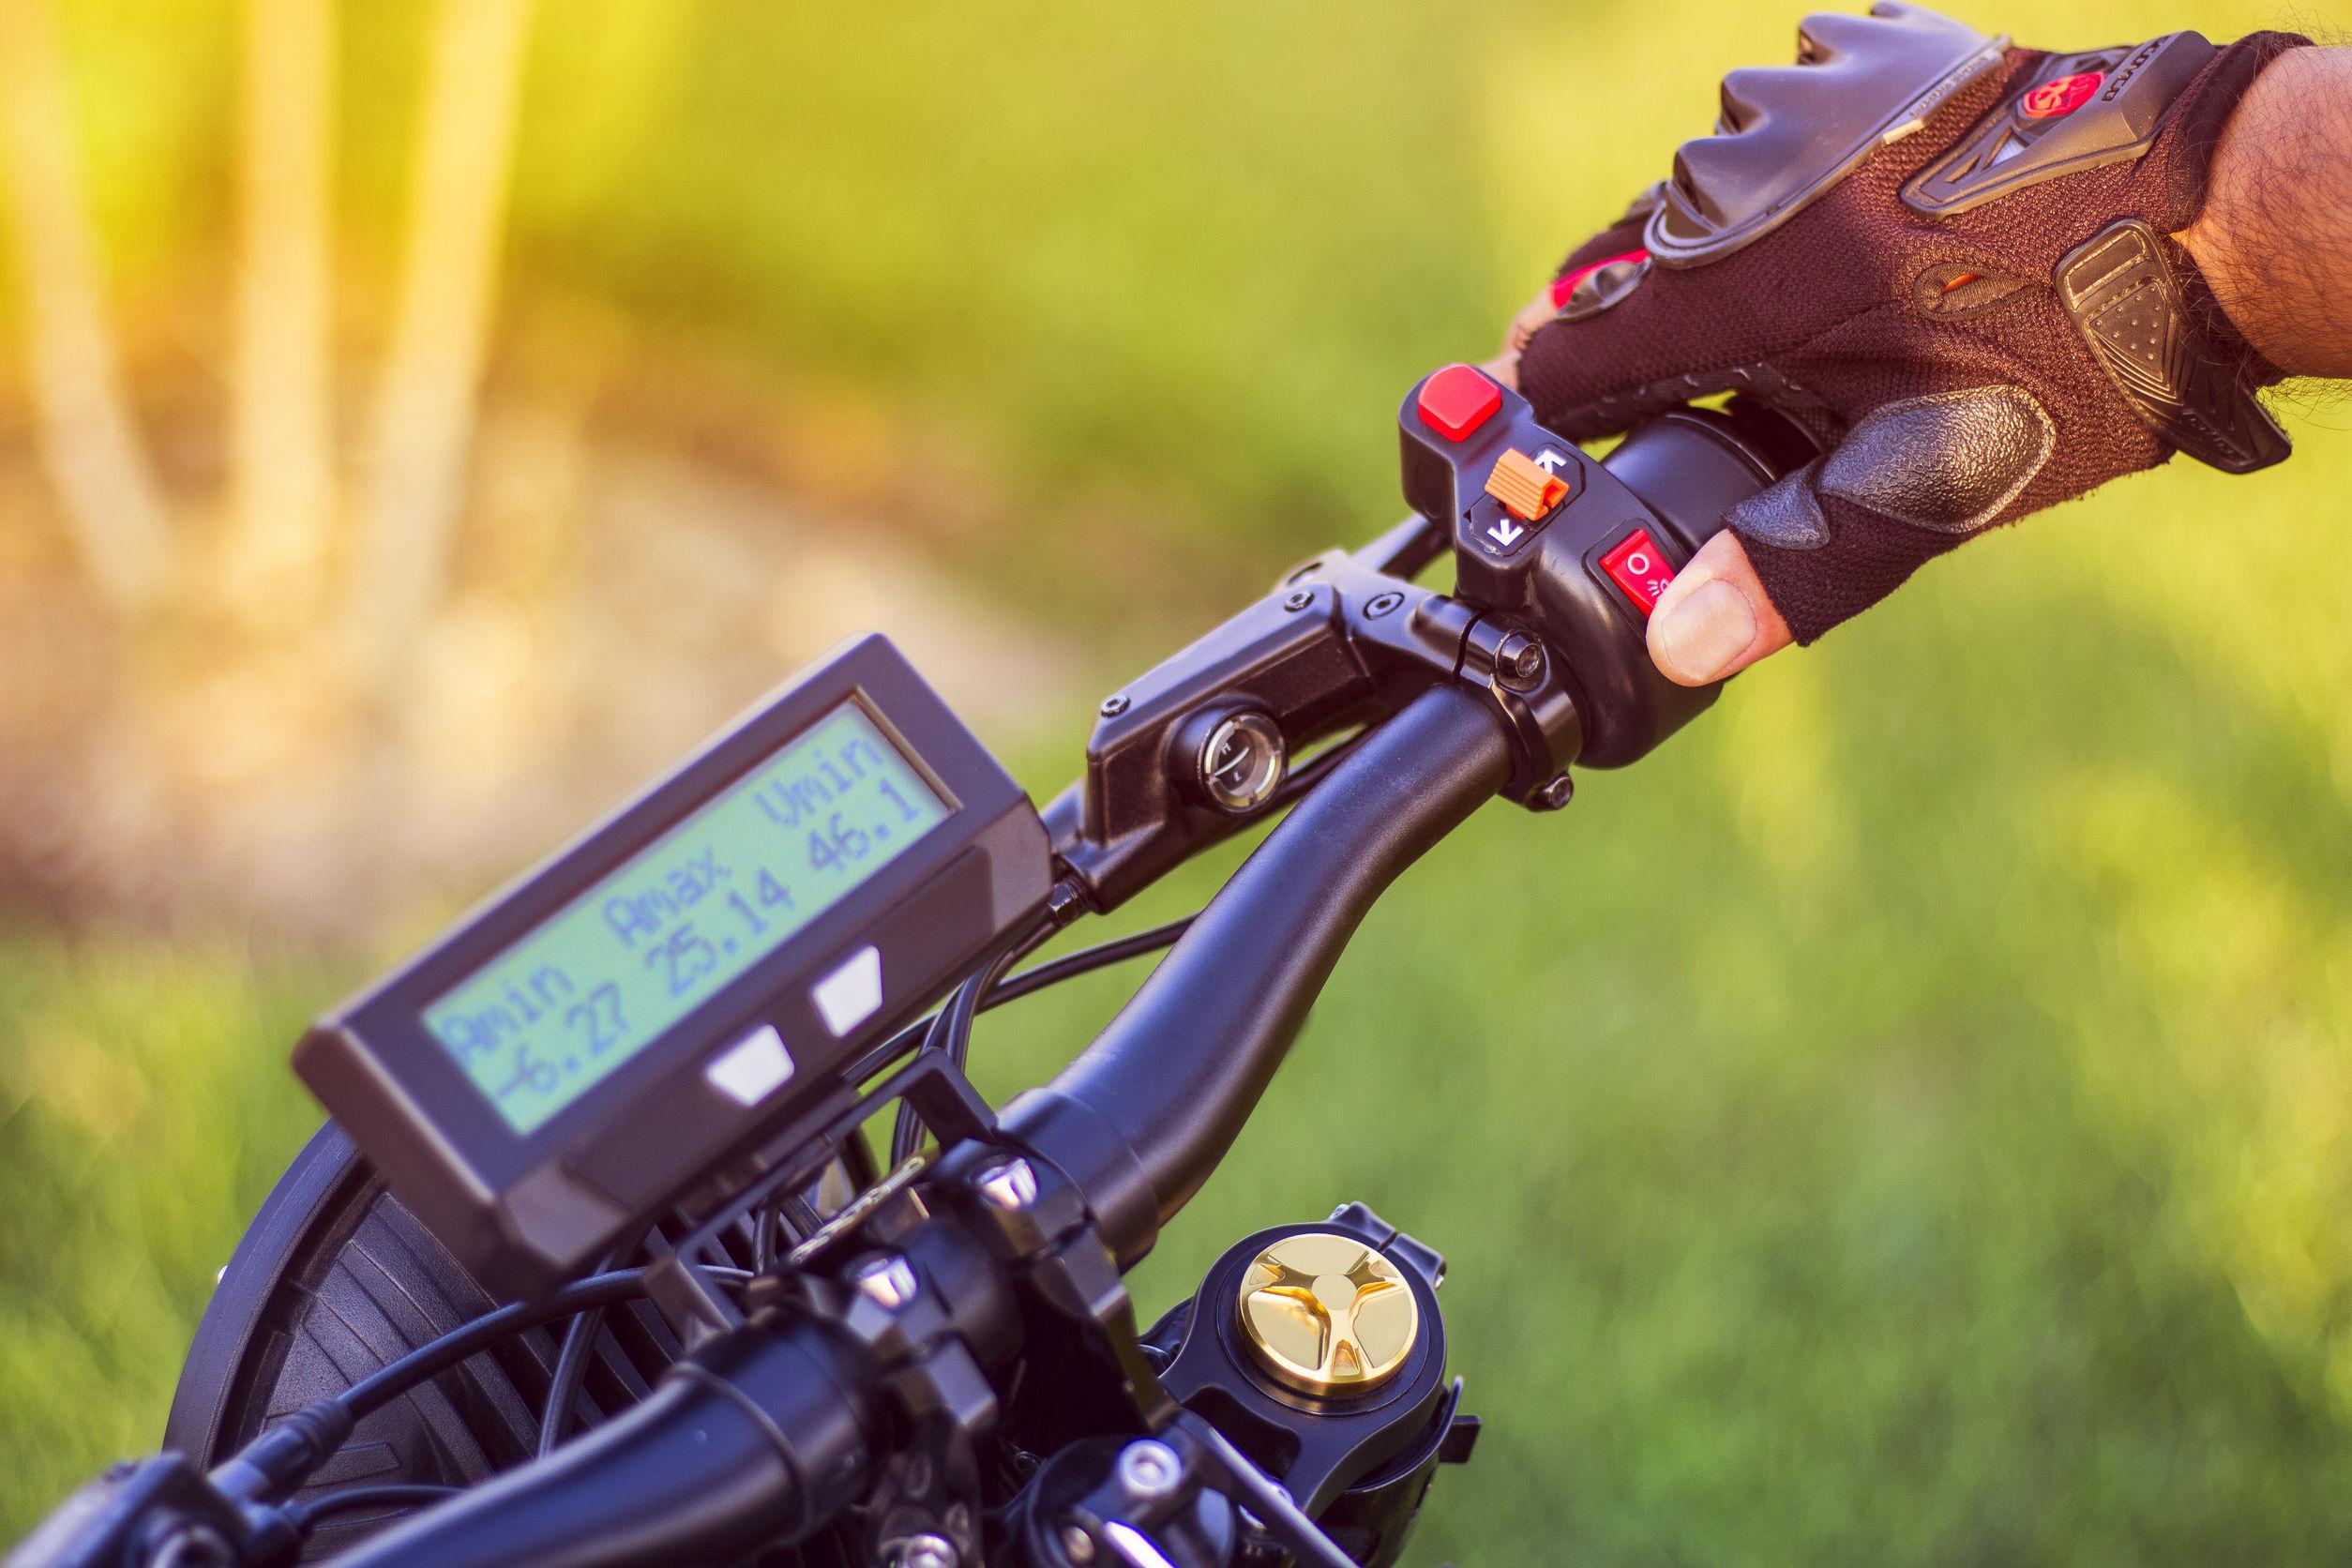 Mano de hombre haciendo clic en el botón de control señal de parada trasera de la bicicleta eléctrica.